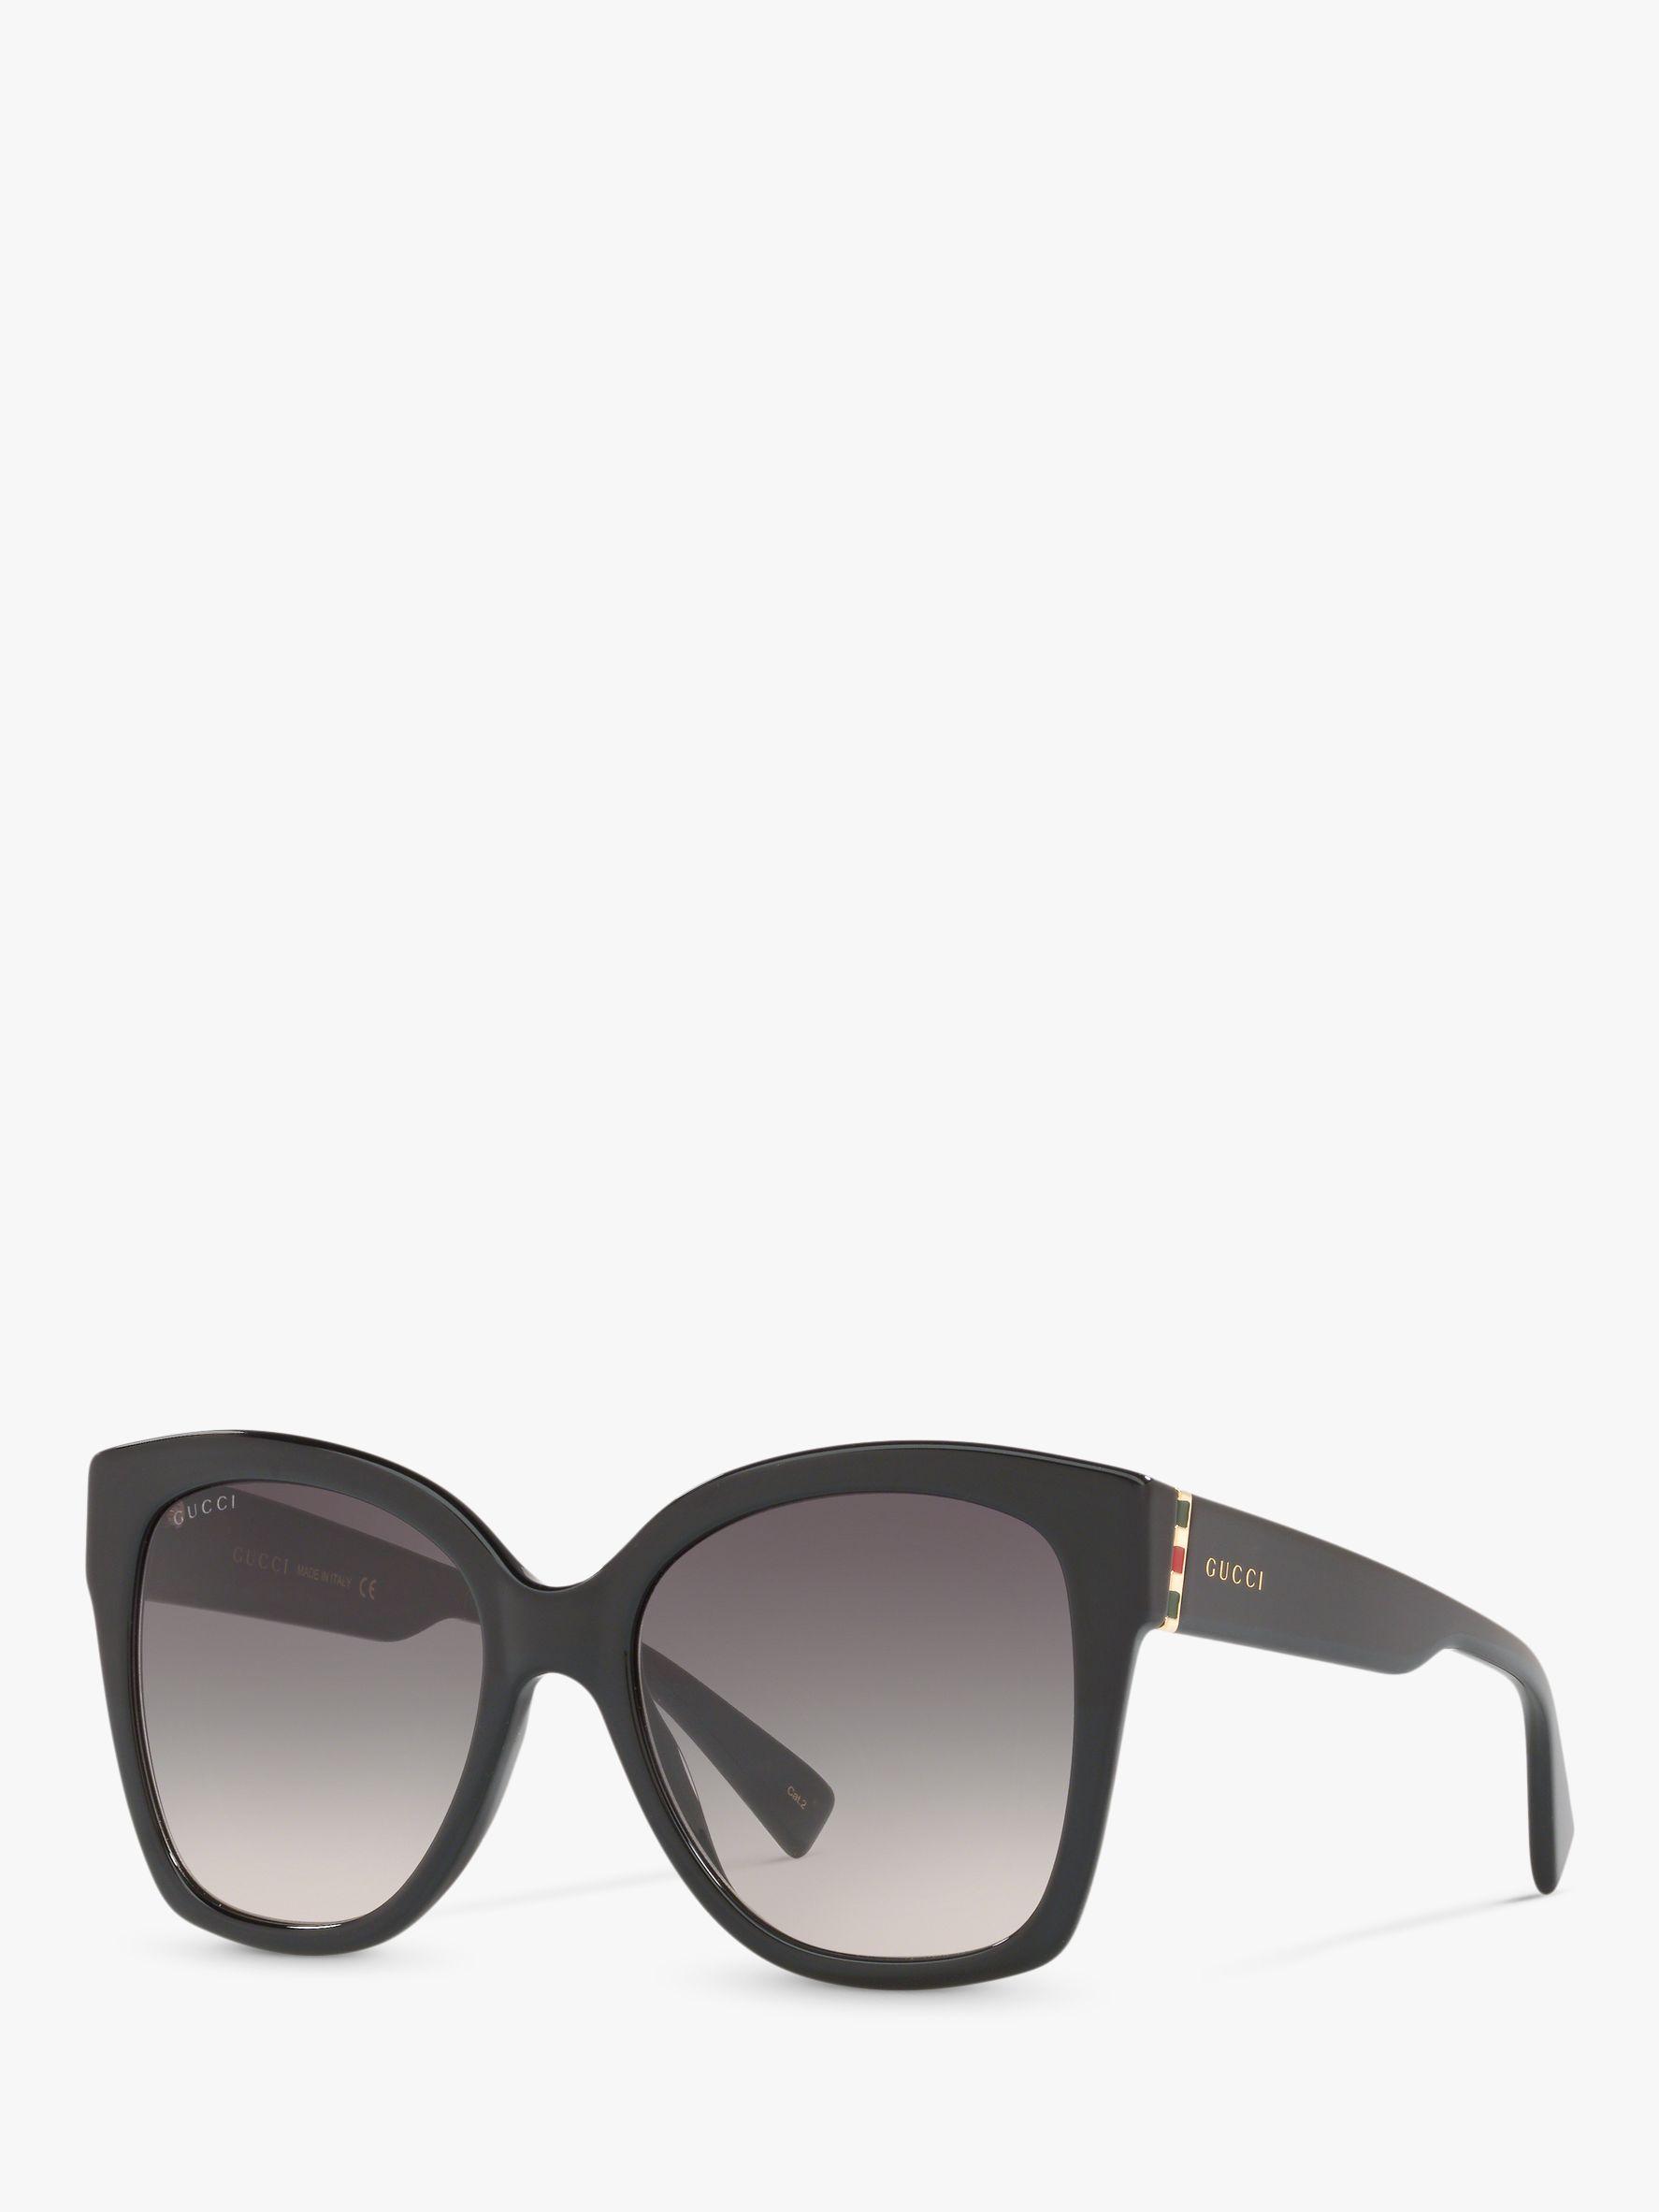 Gucci Gucci GG0459S Women's Square Sunglasses